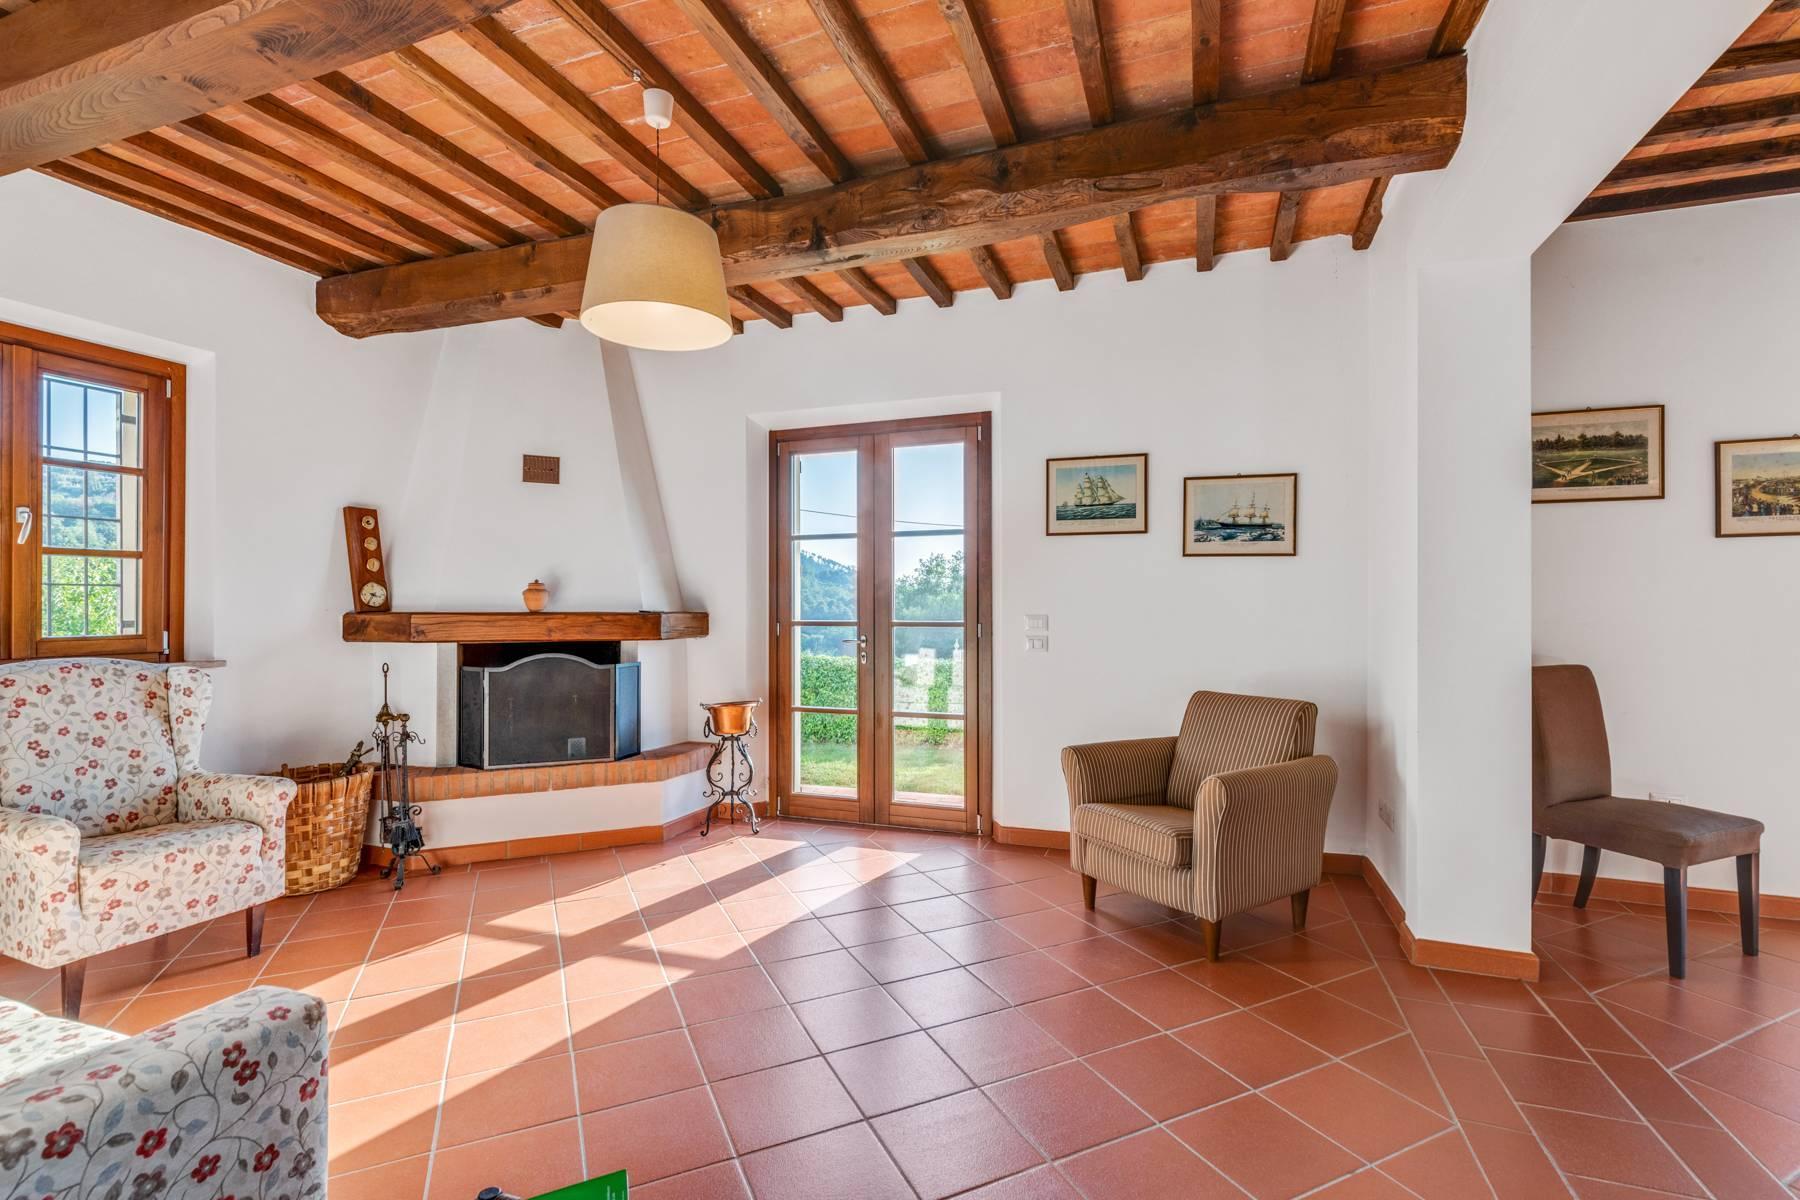 Charmante maison de campagne avec piscine sur les collines toscanes - 15